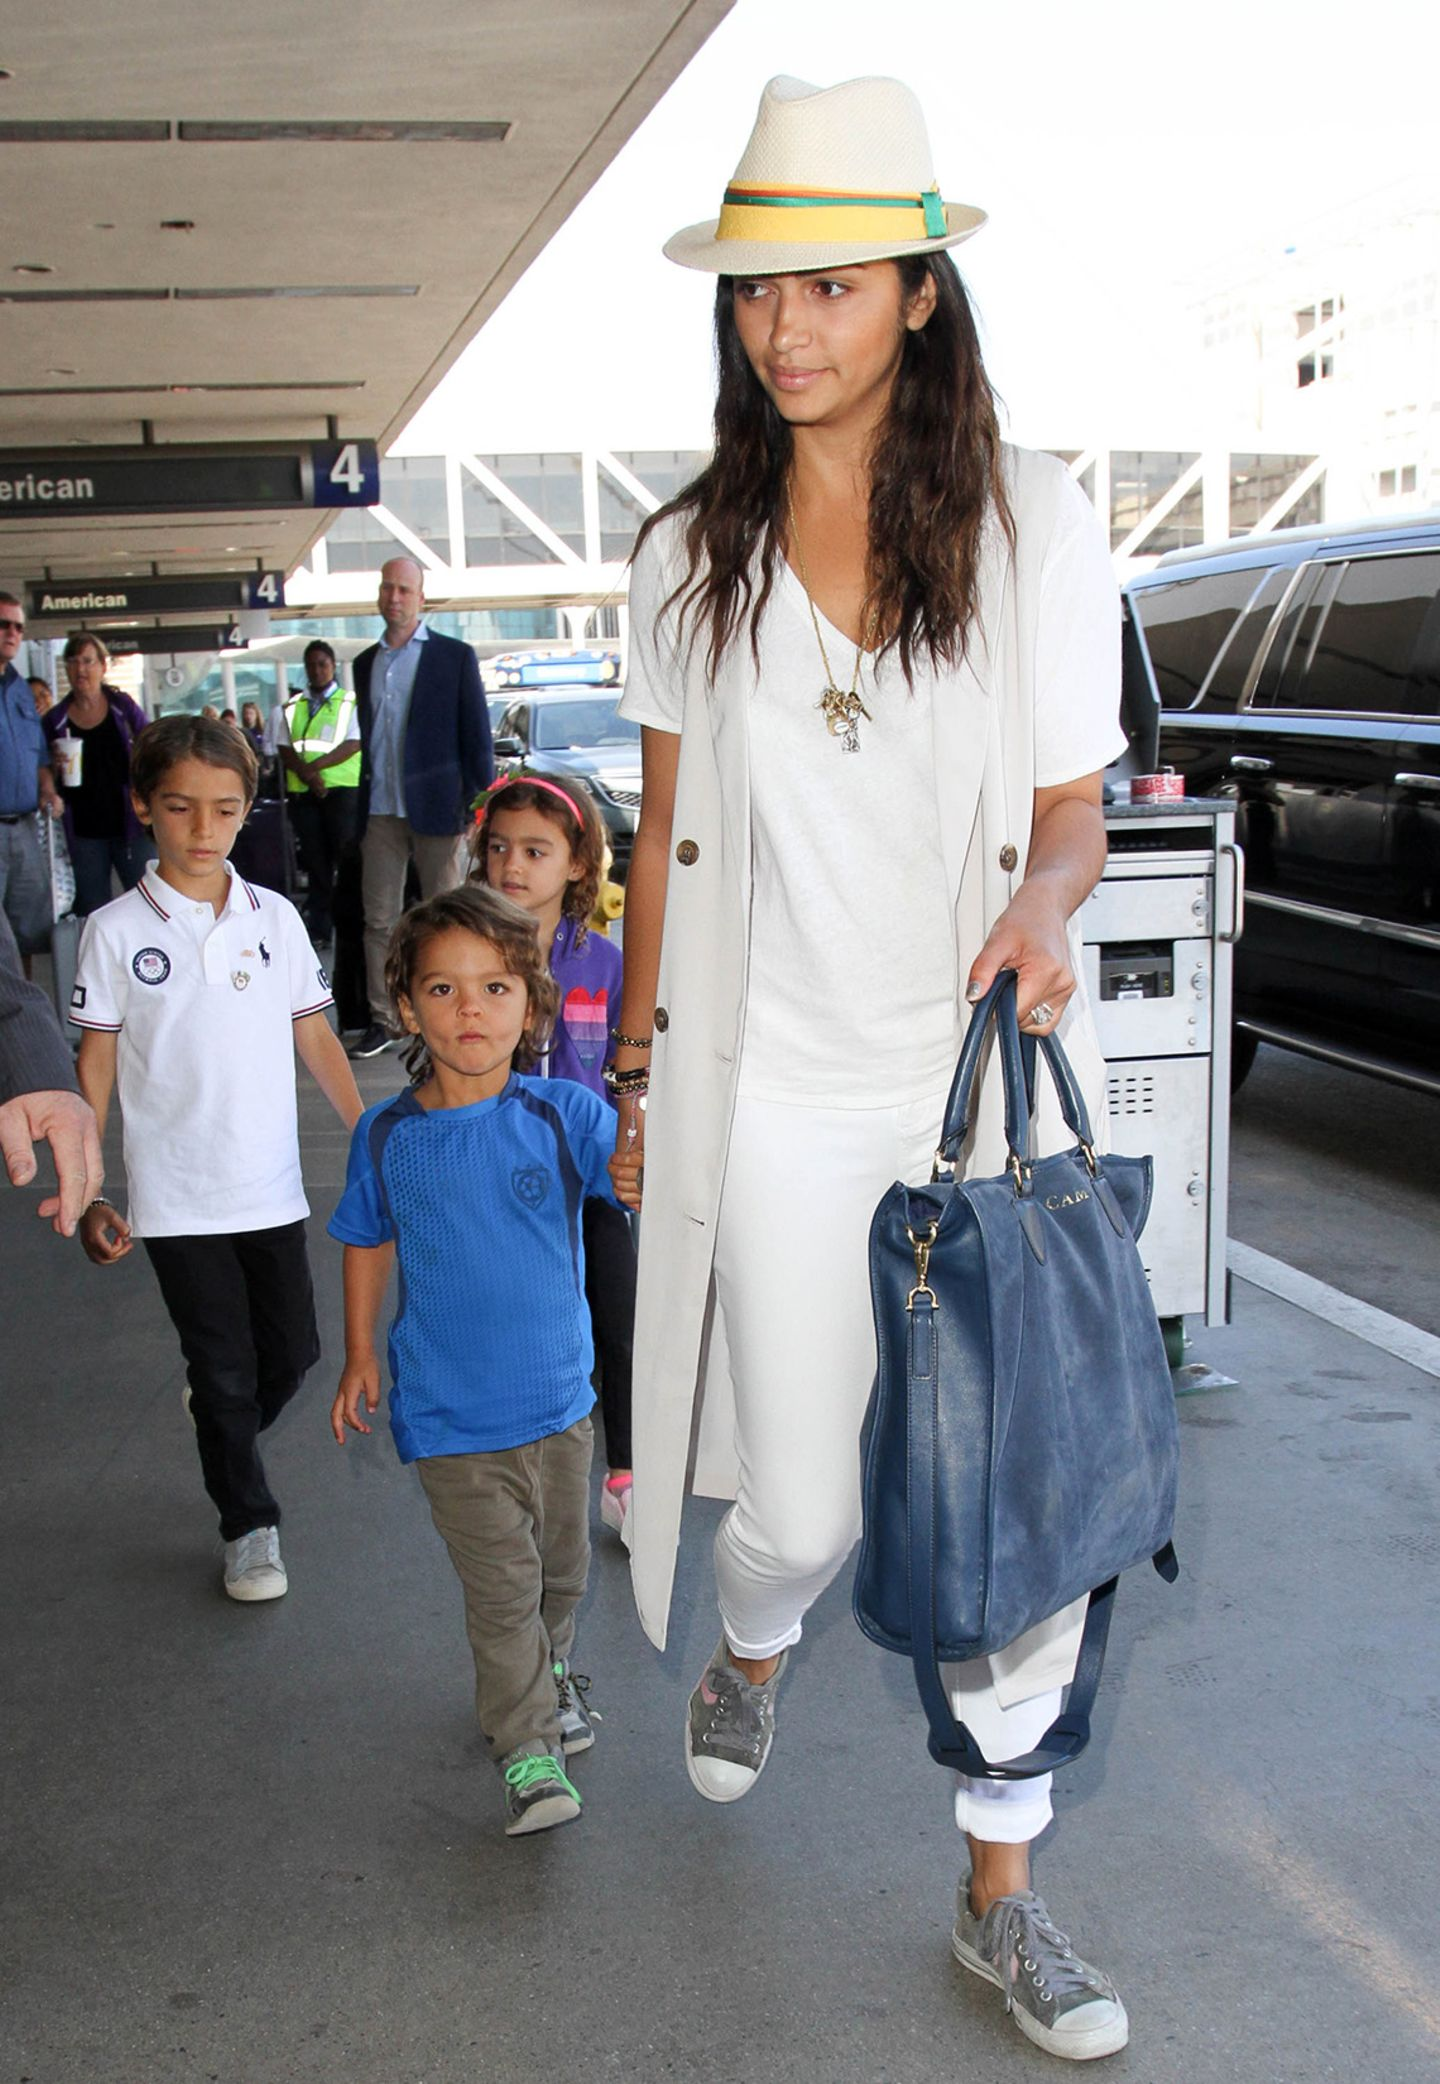 In sommerlichem Weiß zeigt sich Camila Alves mit ihren Kiddies ganz sportlich am Flughafen von L.A. Die elfenbeinfarbene, lange Weste bringt noch einen Hauch Eleganz in das Outfit.